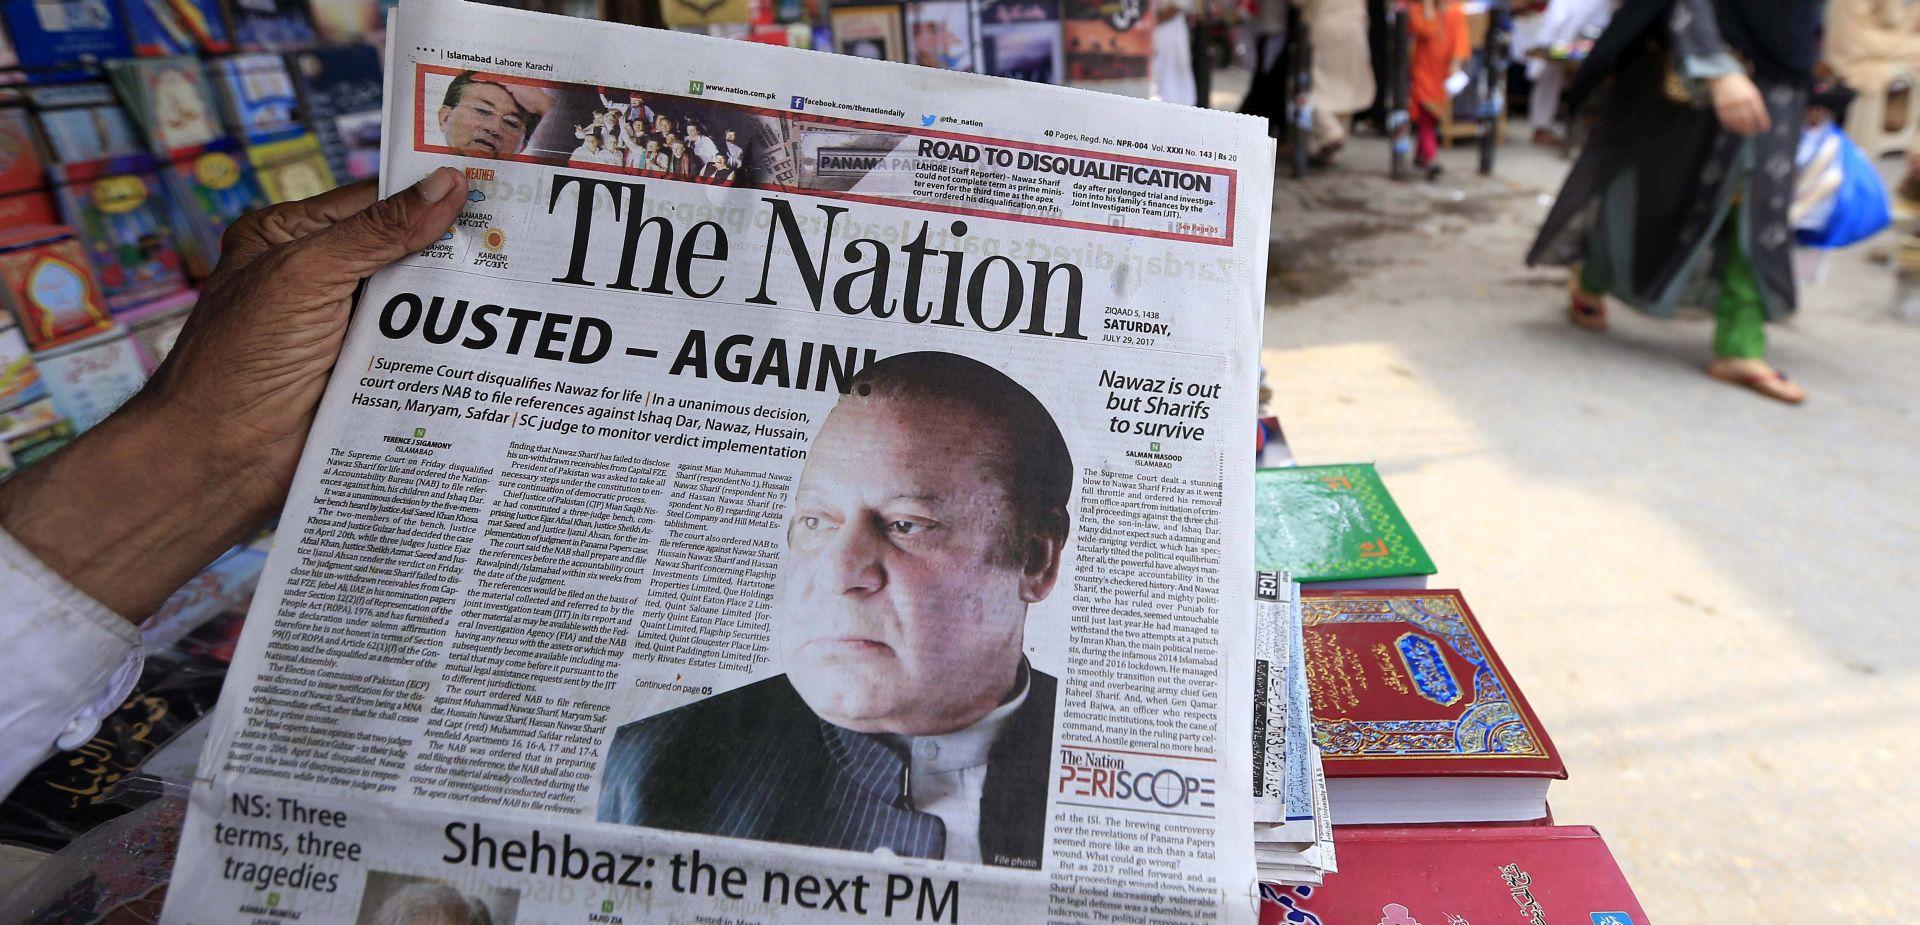 Brat pakistanskog premijera kandidiran za njegovog nasljednika